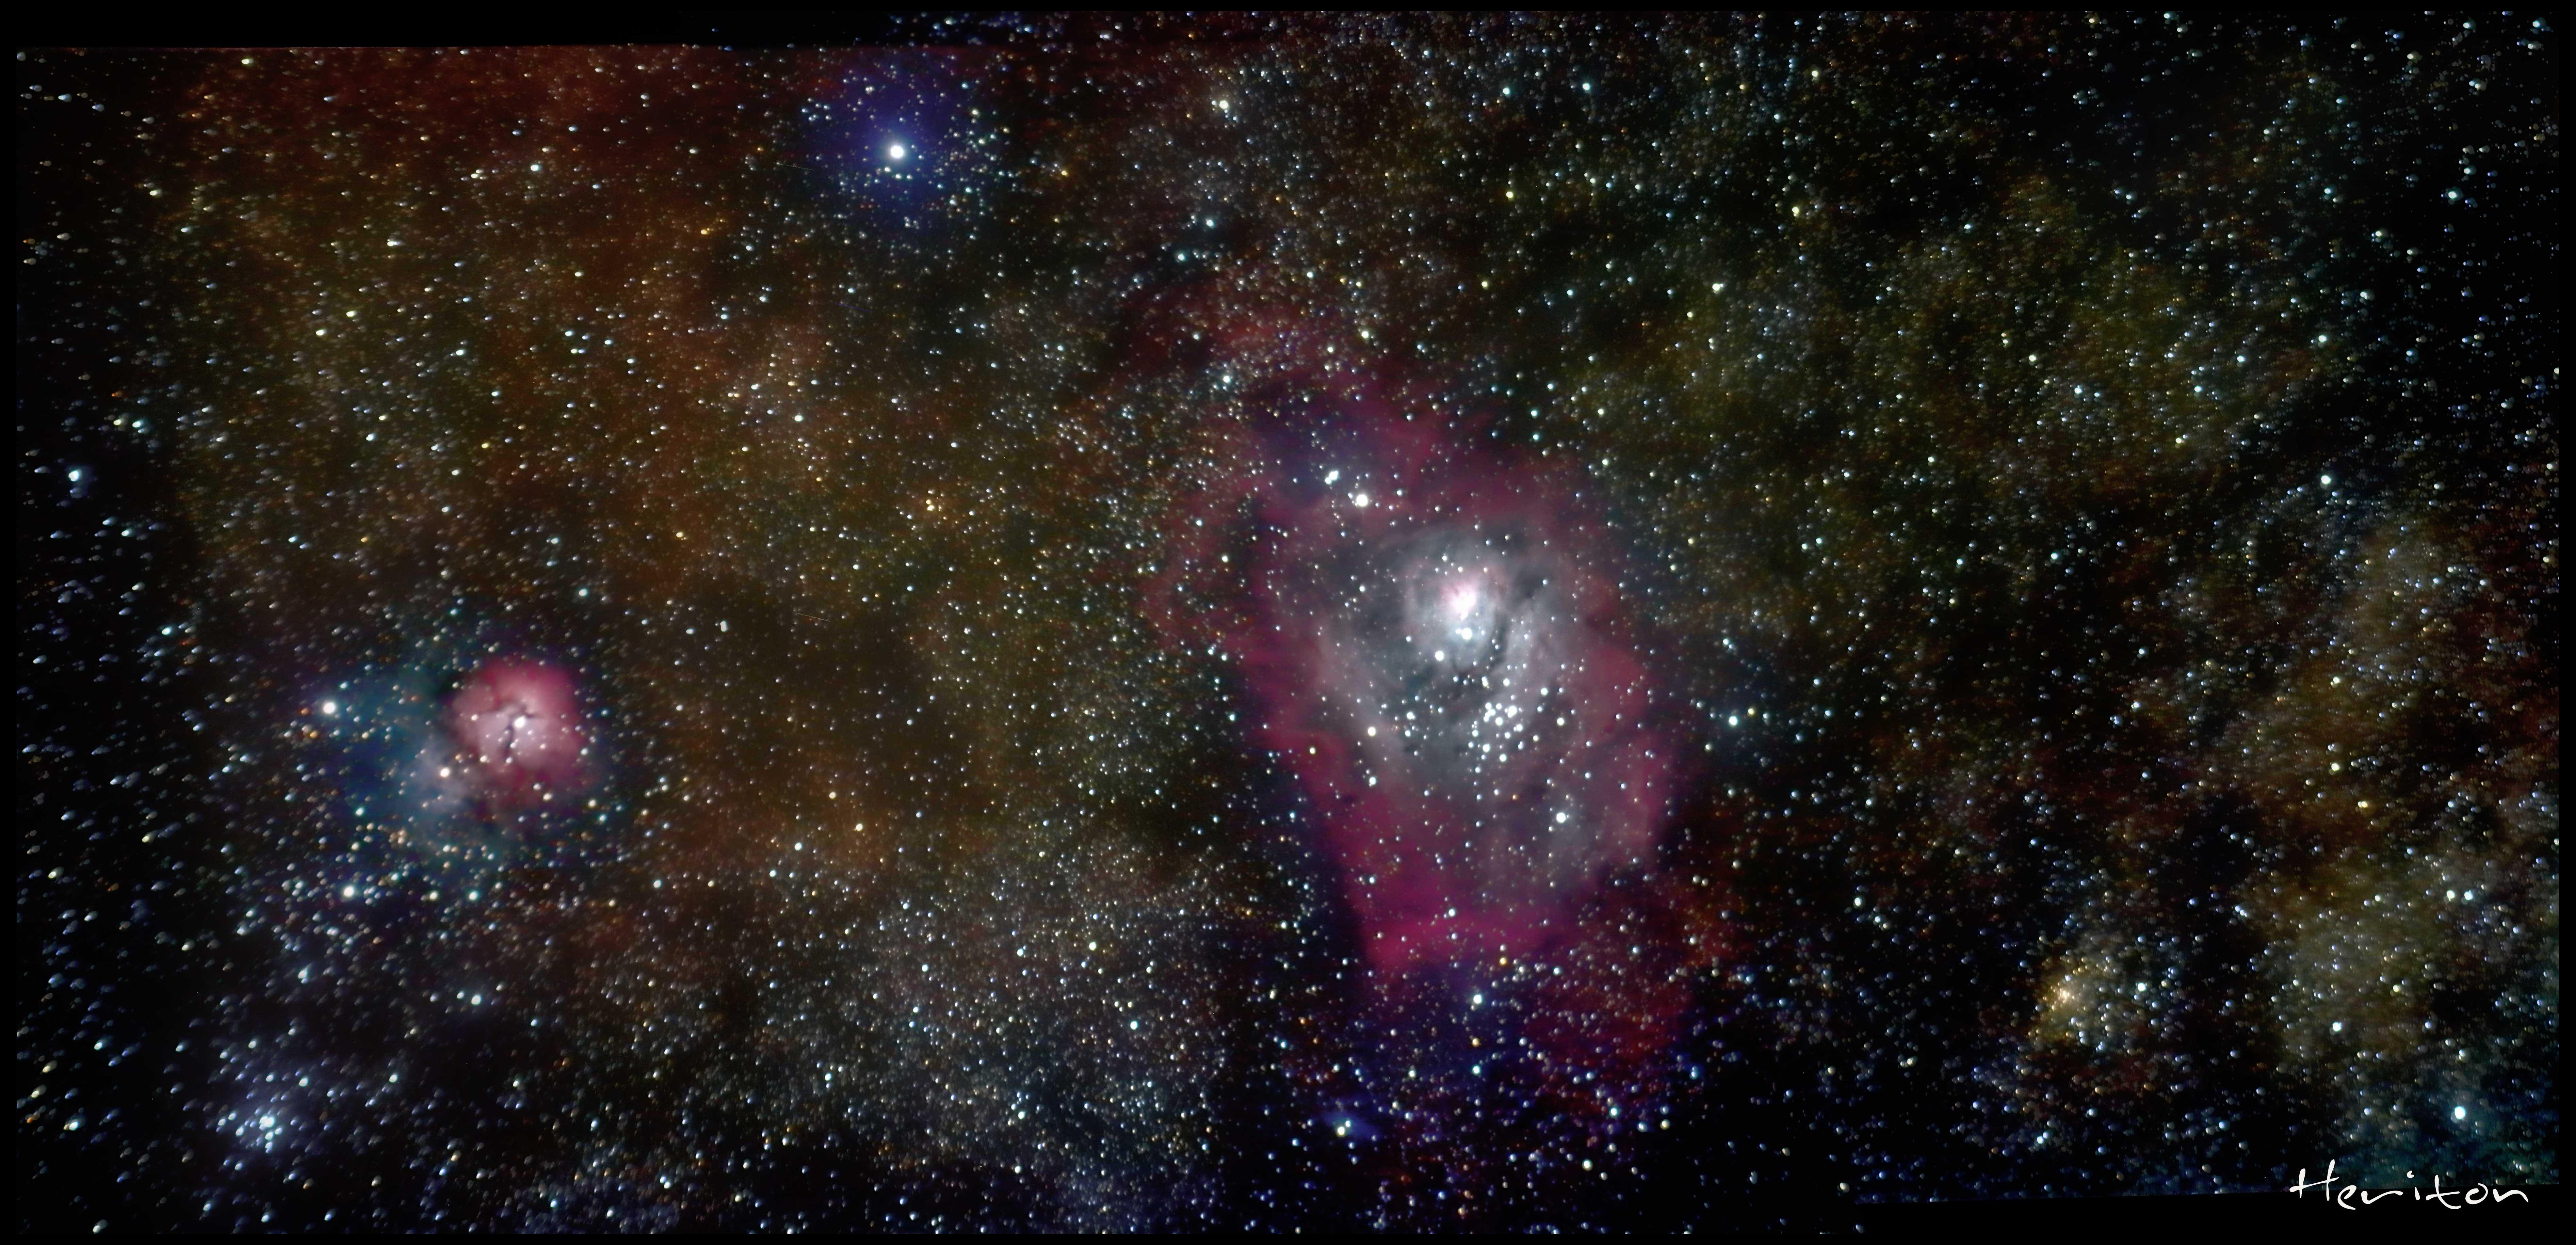 m8 astronomy - photo #29